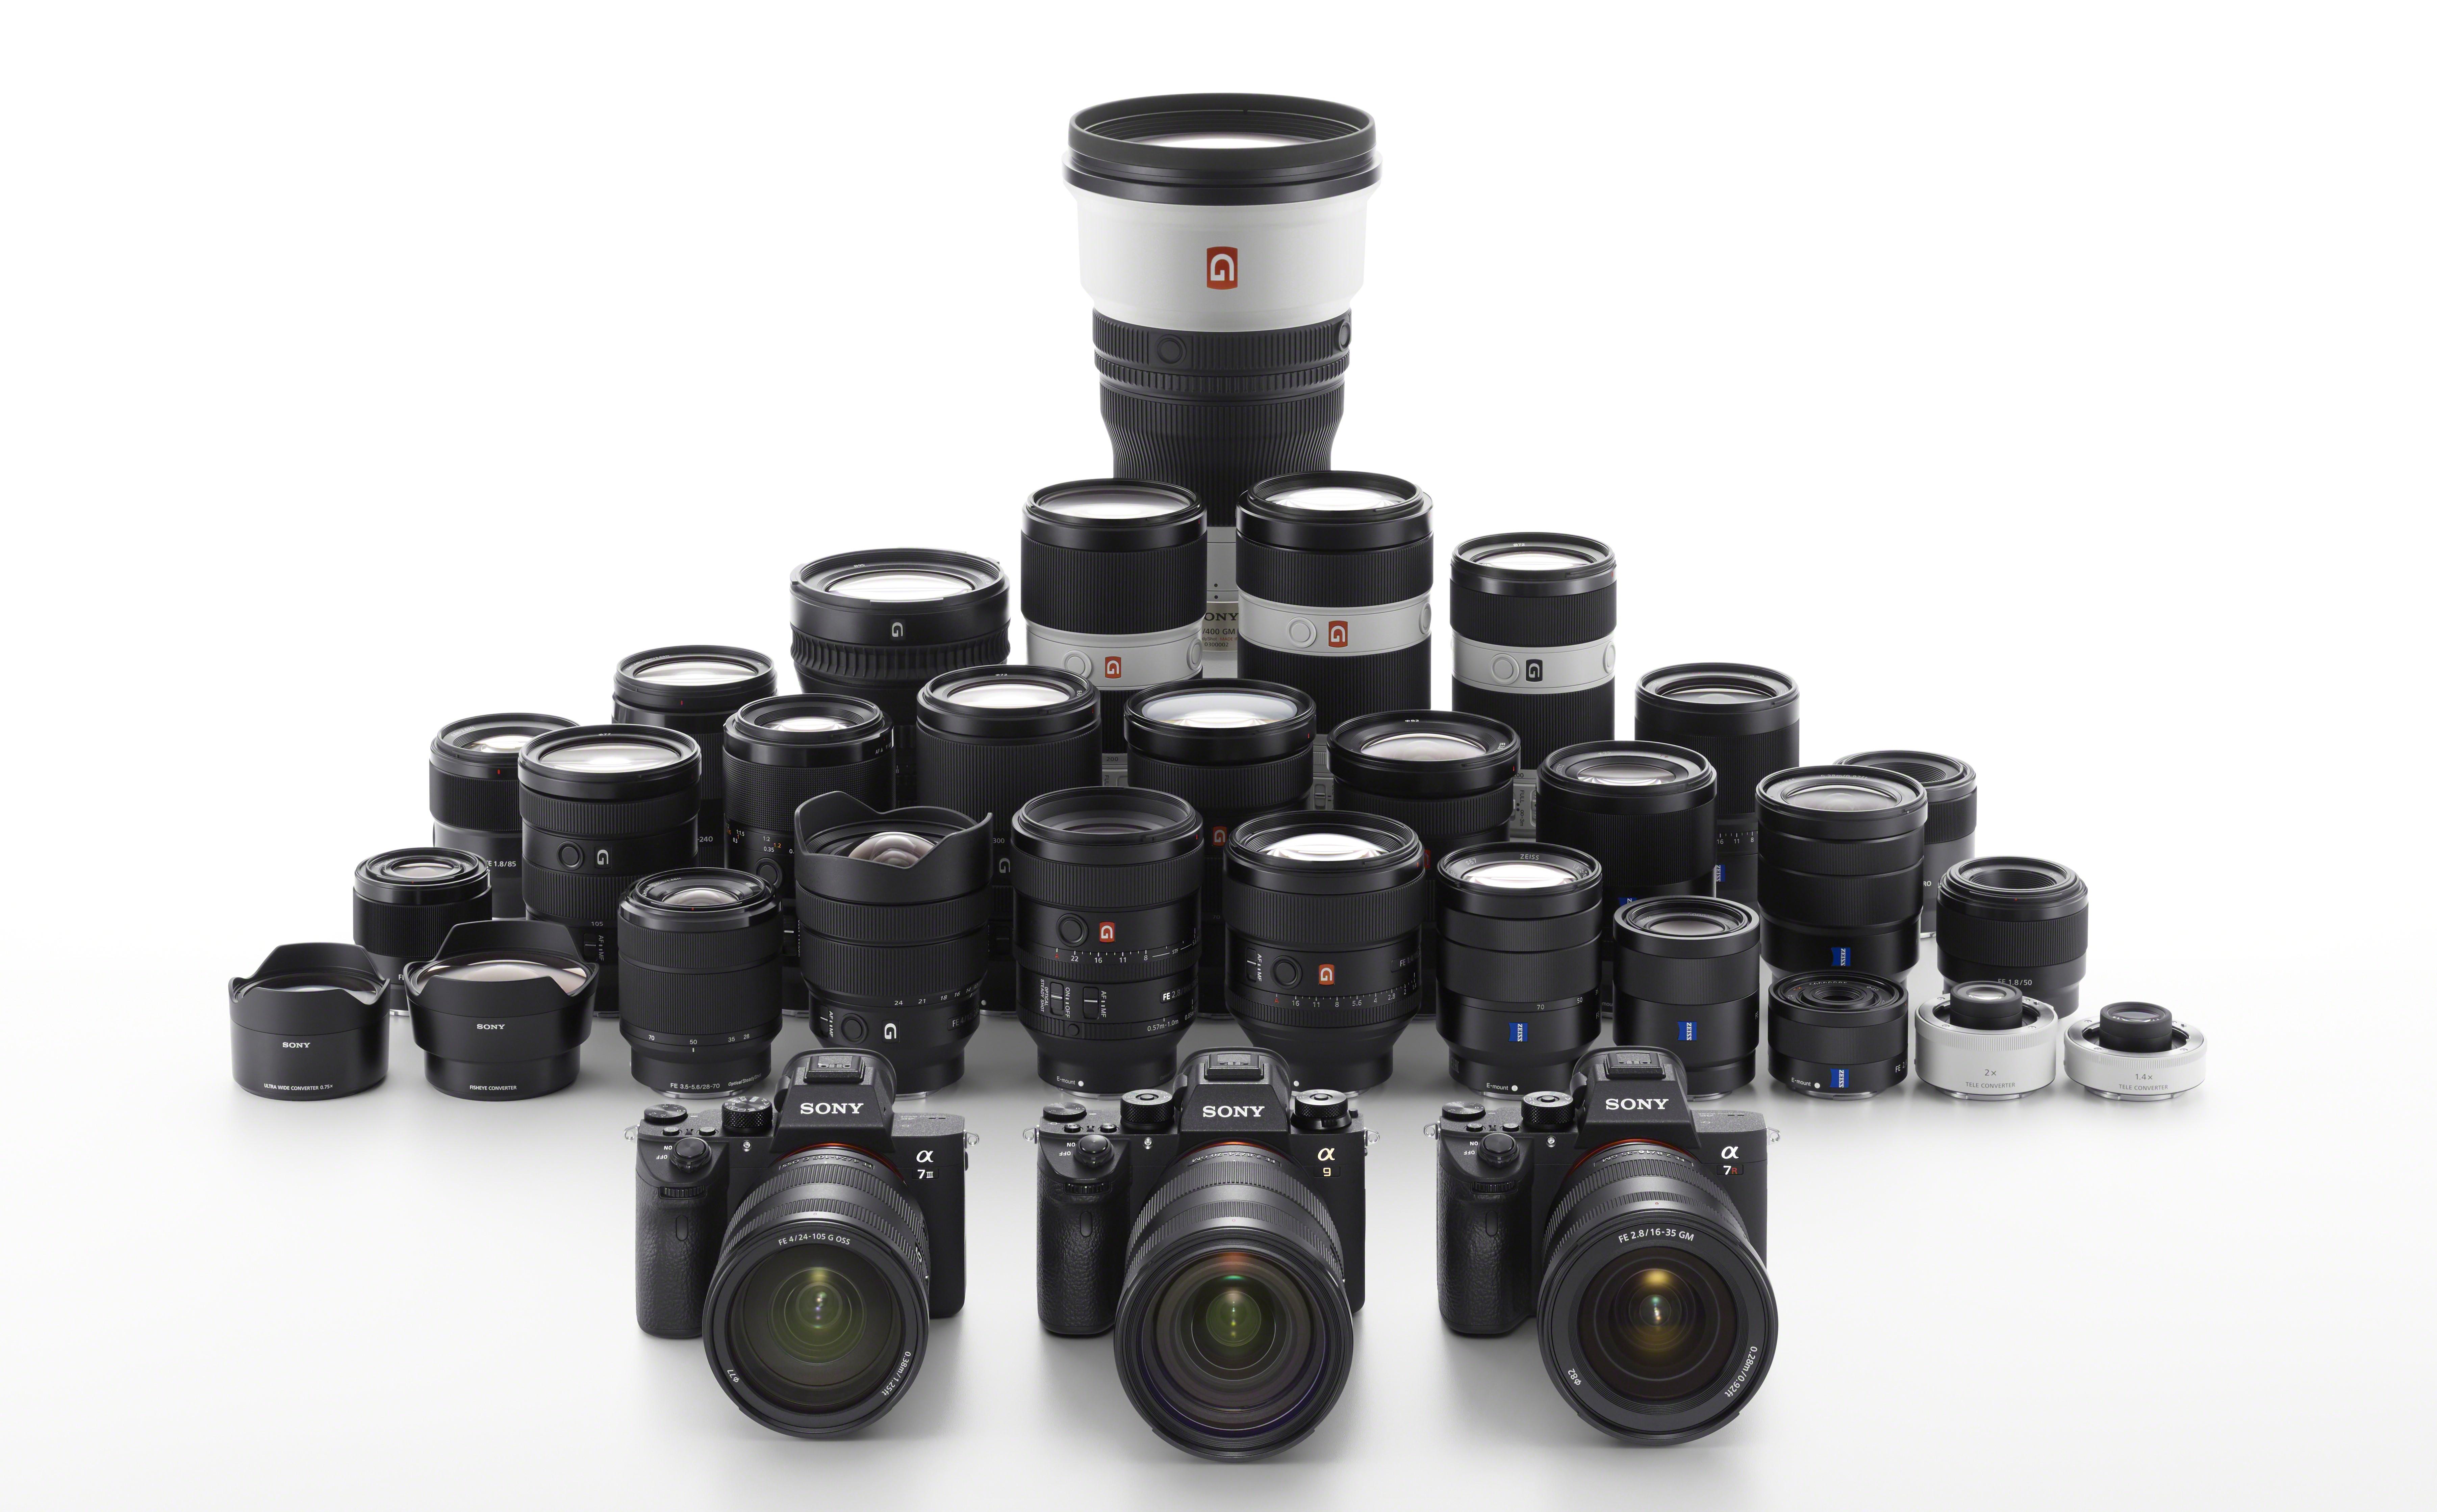 Sony's camera lenses.